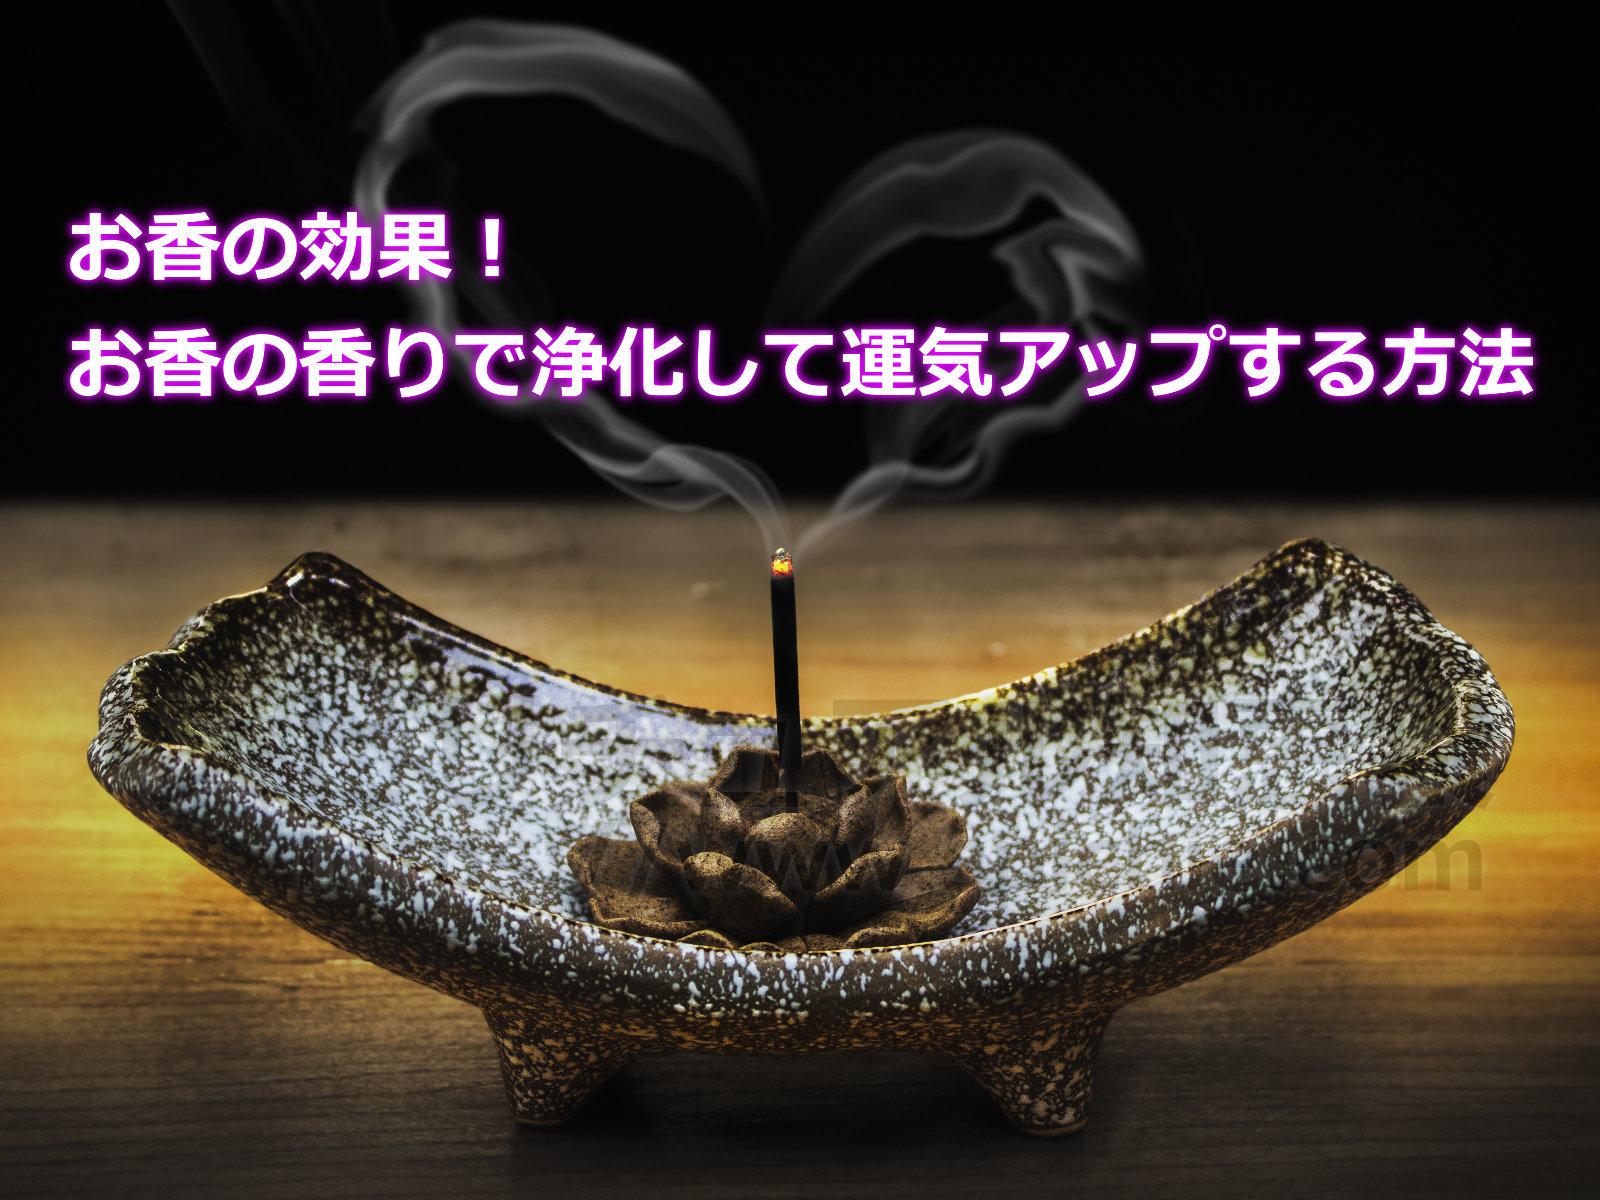 お香の効果!お香の香りで浄化して運気アップする方法のアイキャッチ画像